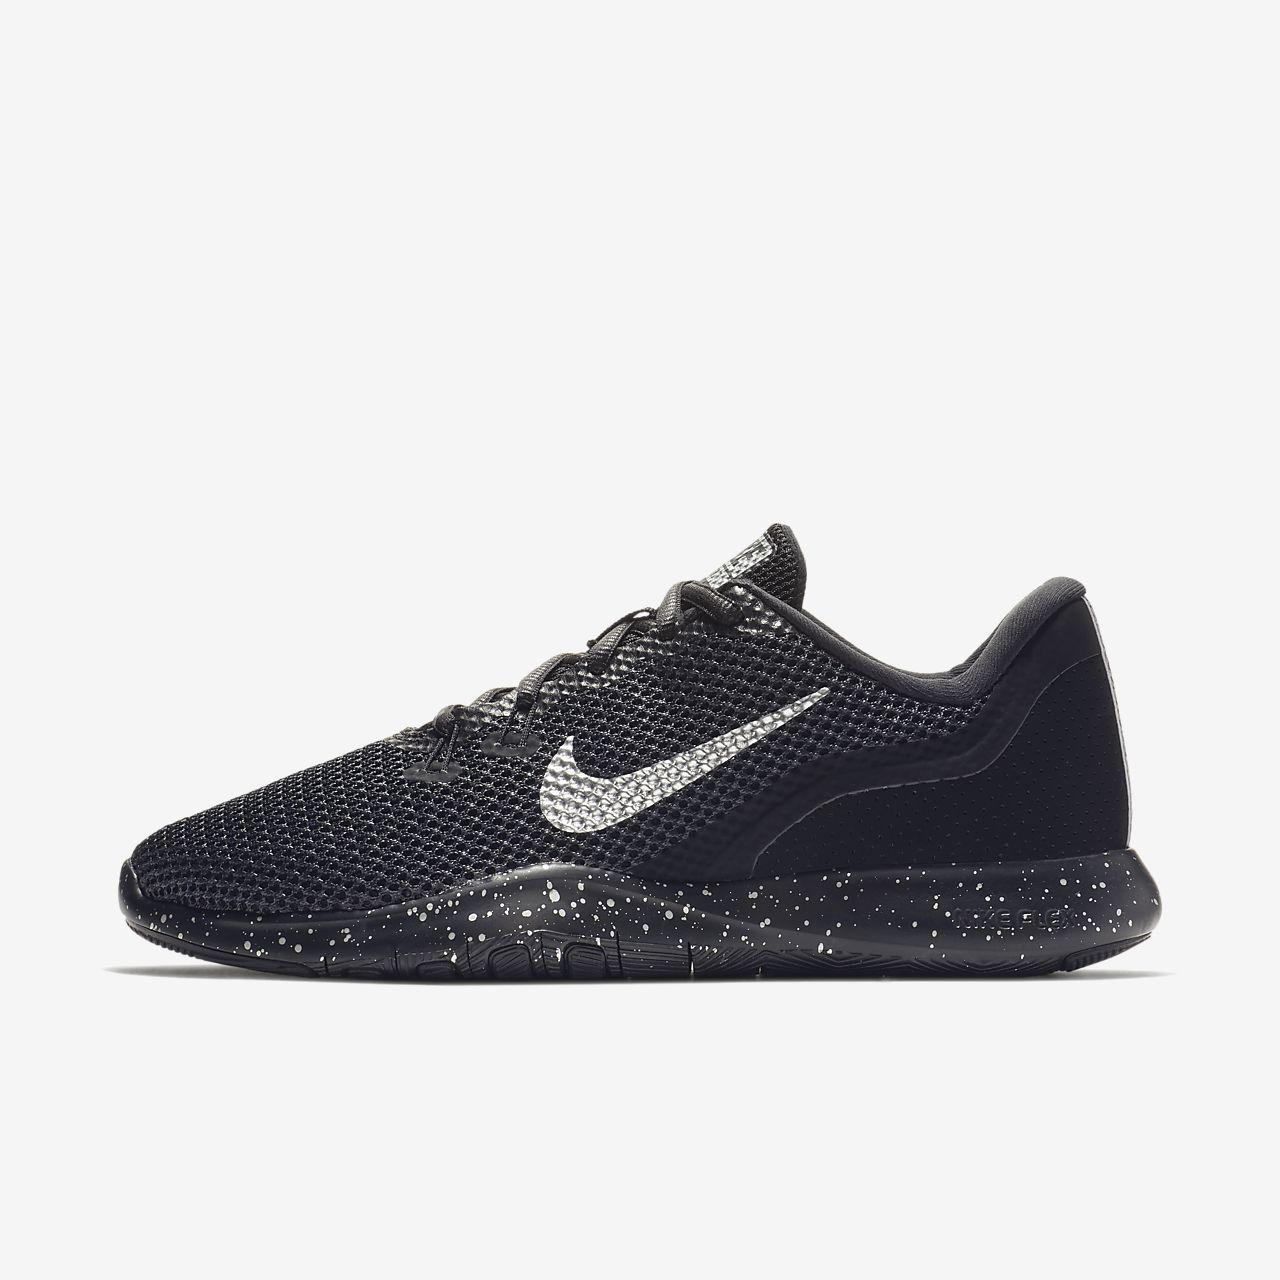 2021215eed7 Nike Flex TR 7 Premium Women s Training Shoe. Nike.com GB